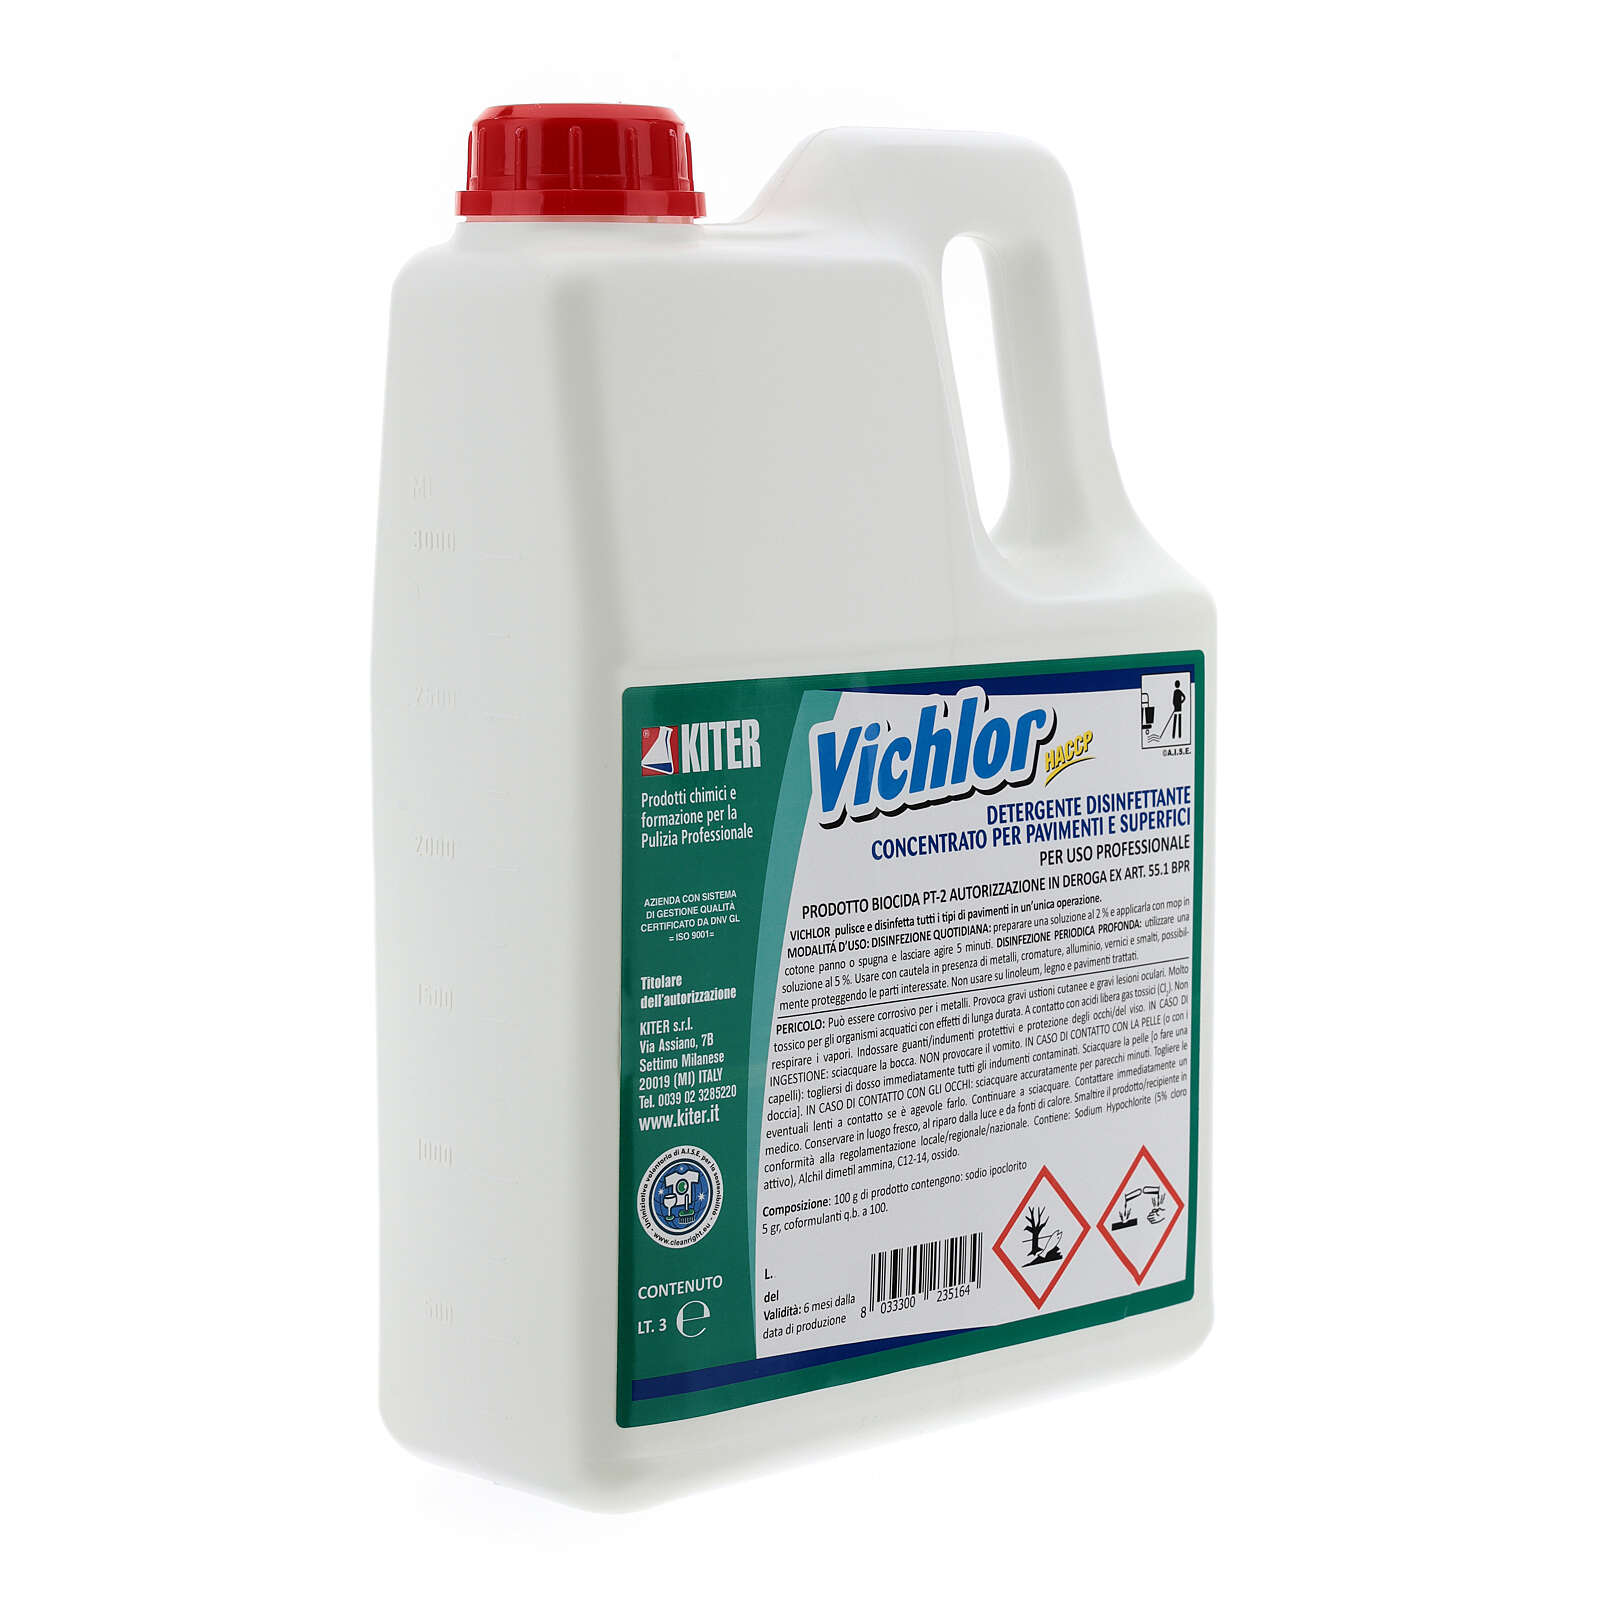 Desinfetante antibacteriano profissional Vichlor, galões de 3 litros 3